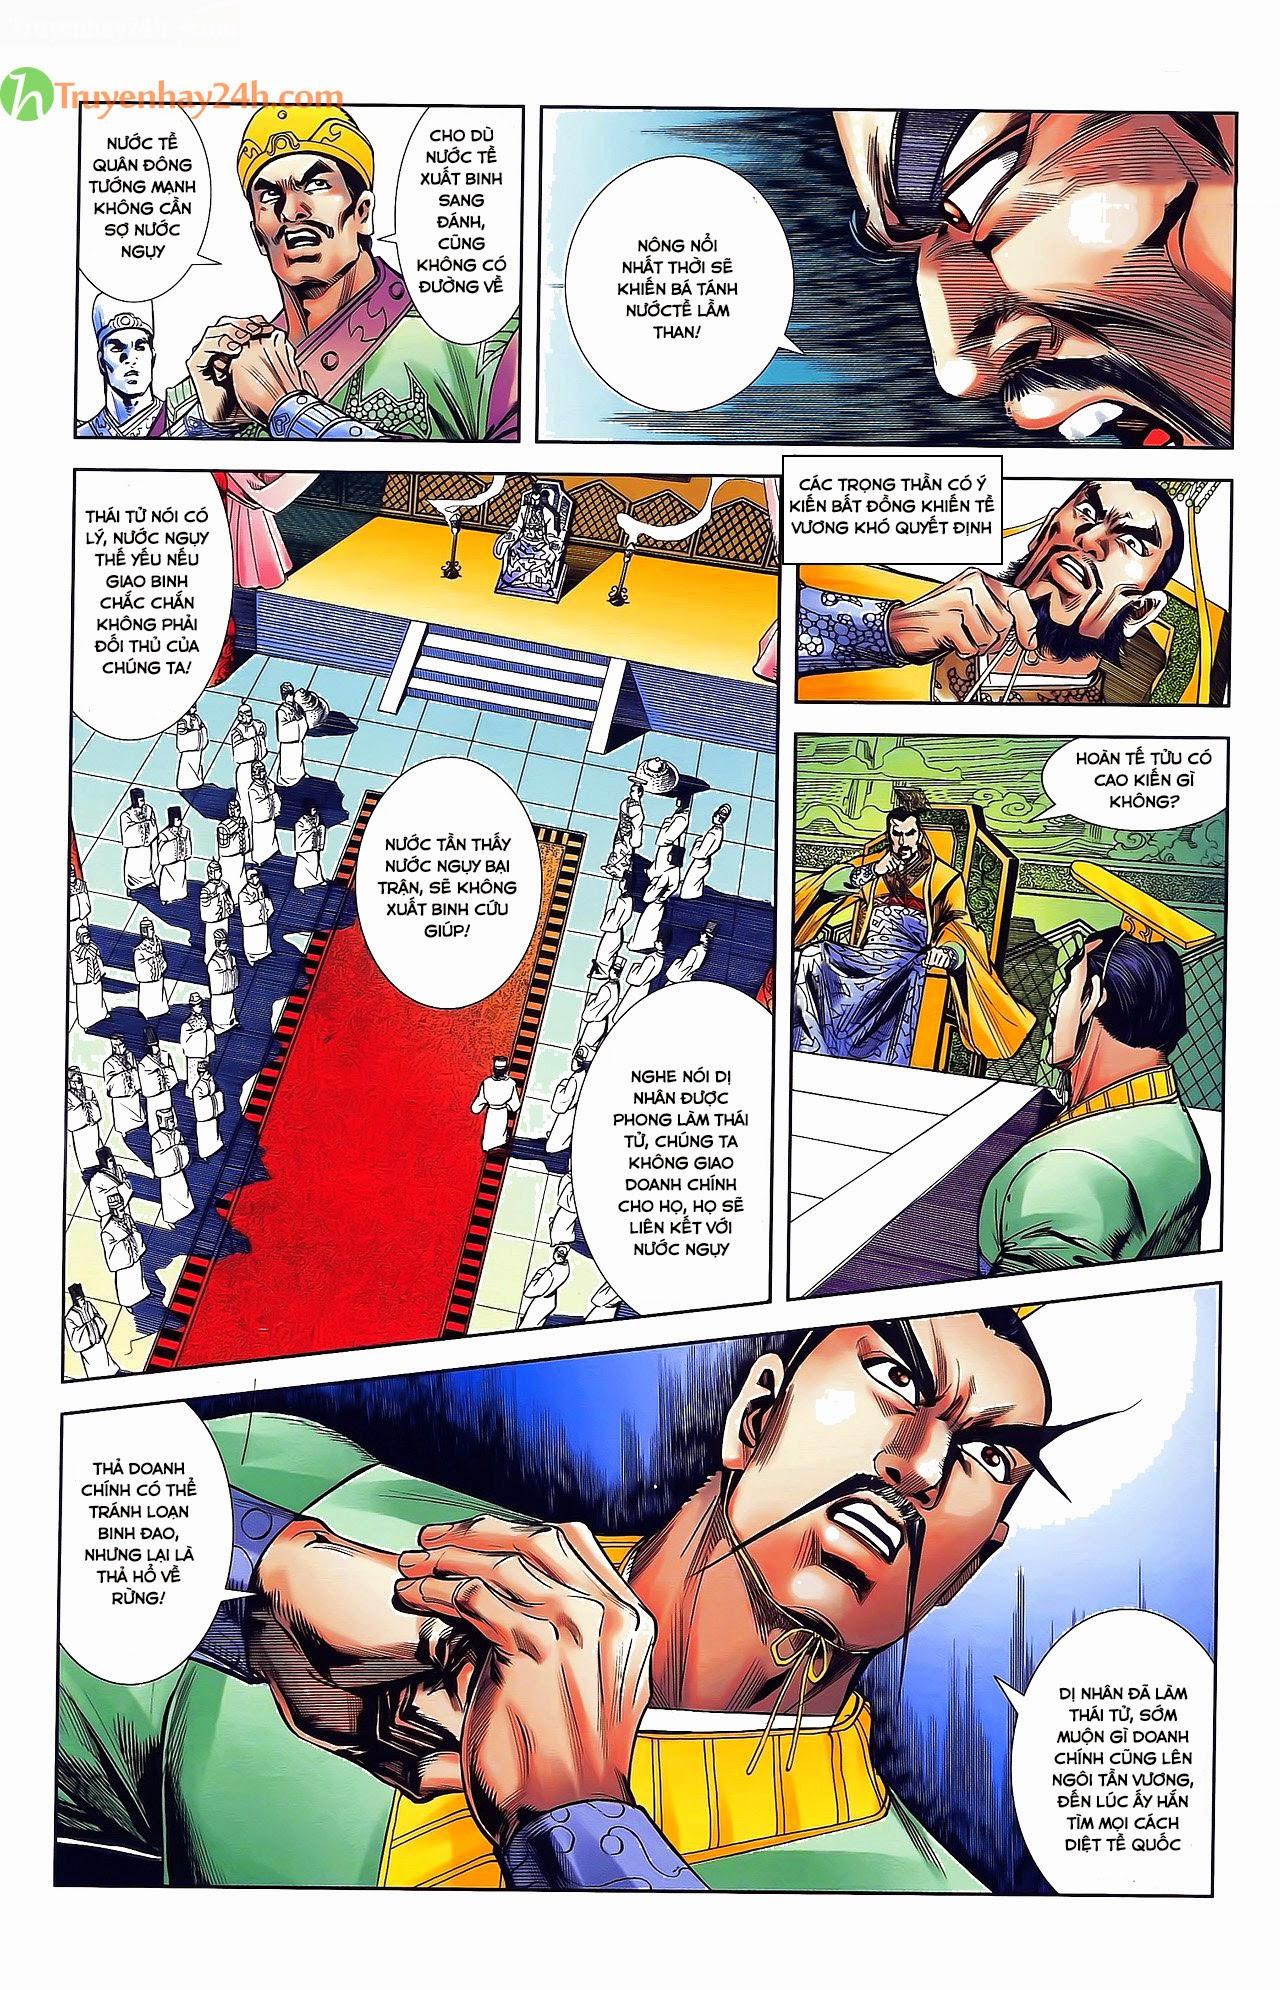 Tần Vương Doanh Chính chapter 31 trang 20